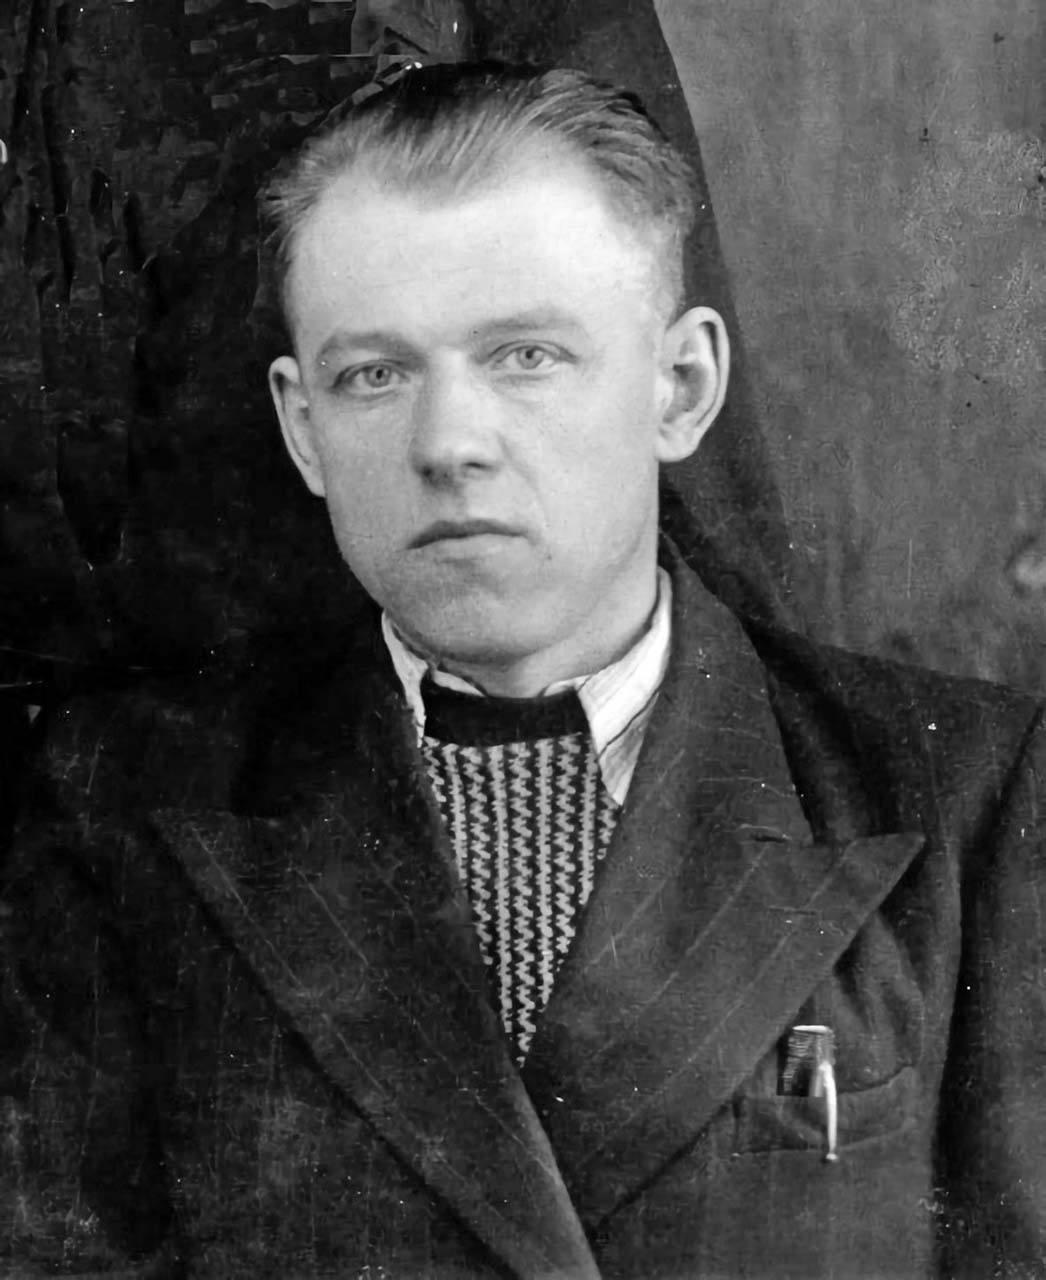 Дмитрия Ефимовича Устинов, прииск «Штурмовой». 1950 год.